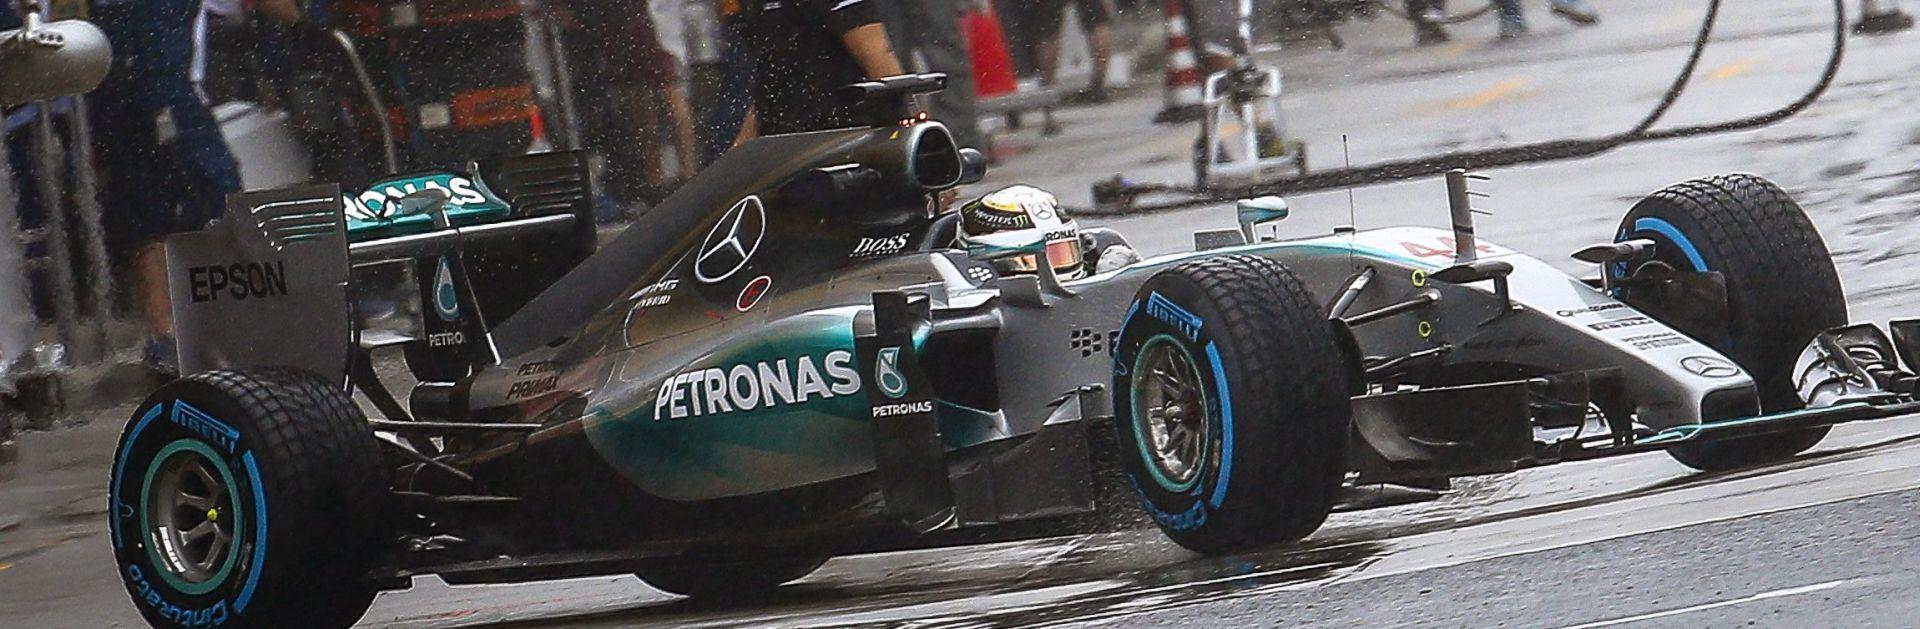 SREBRNE STRIJELE Rosberg – Hamilton na čelu kolone u Suzuki